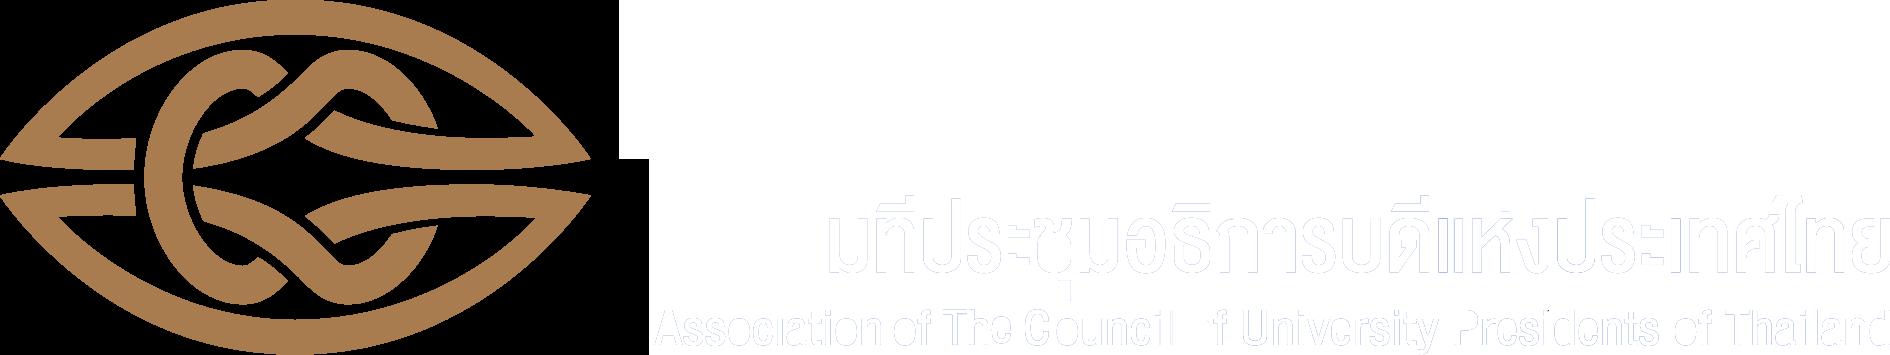 สมาคมที่ประชุมอธิการบดีแห่งประเทศไทย – Association of Council of University Presidents of Thailand